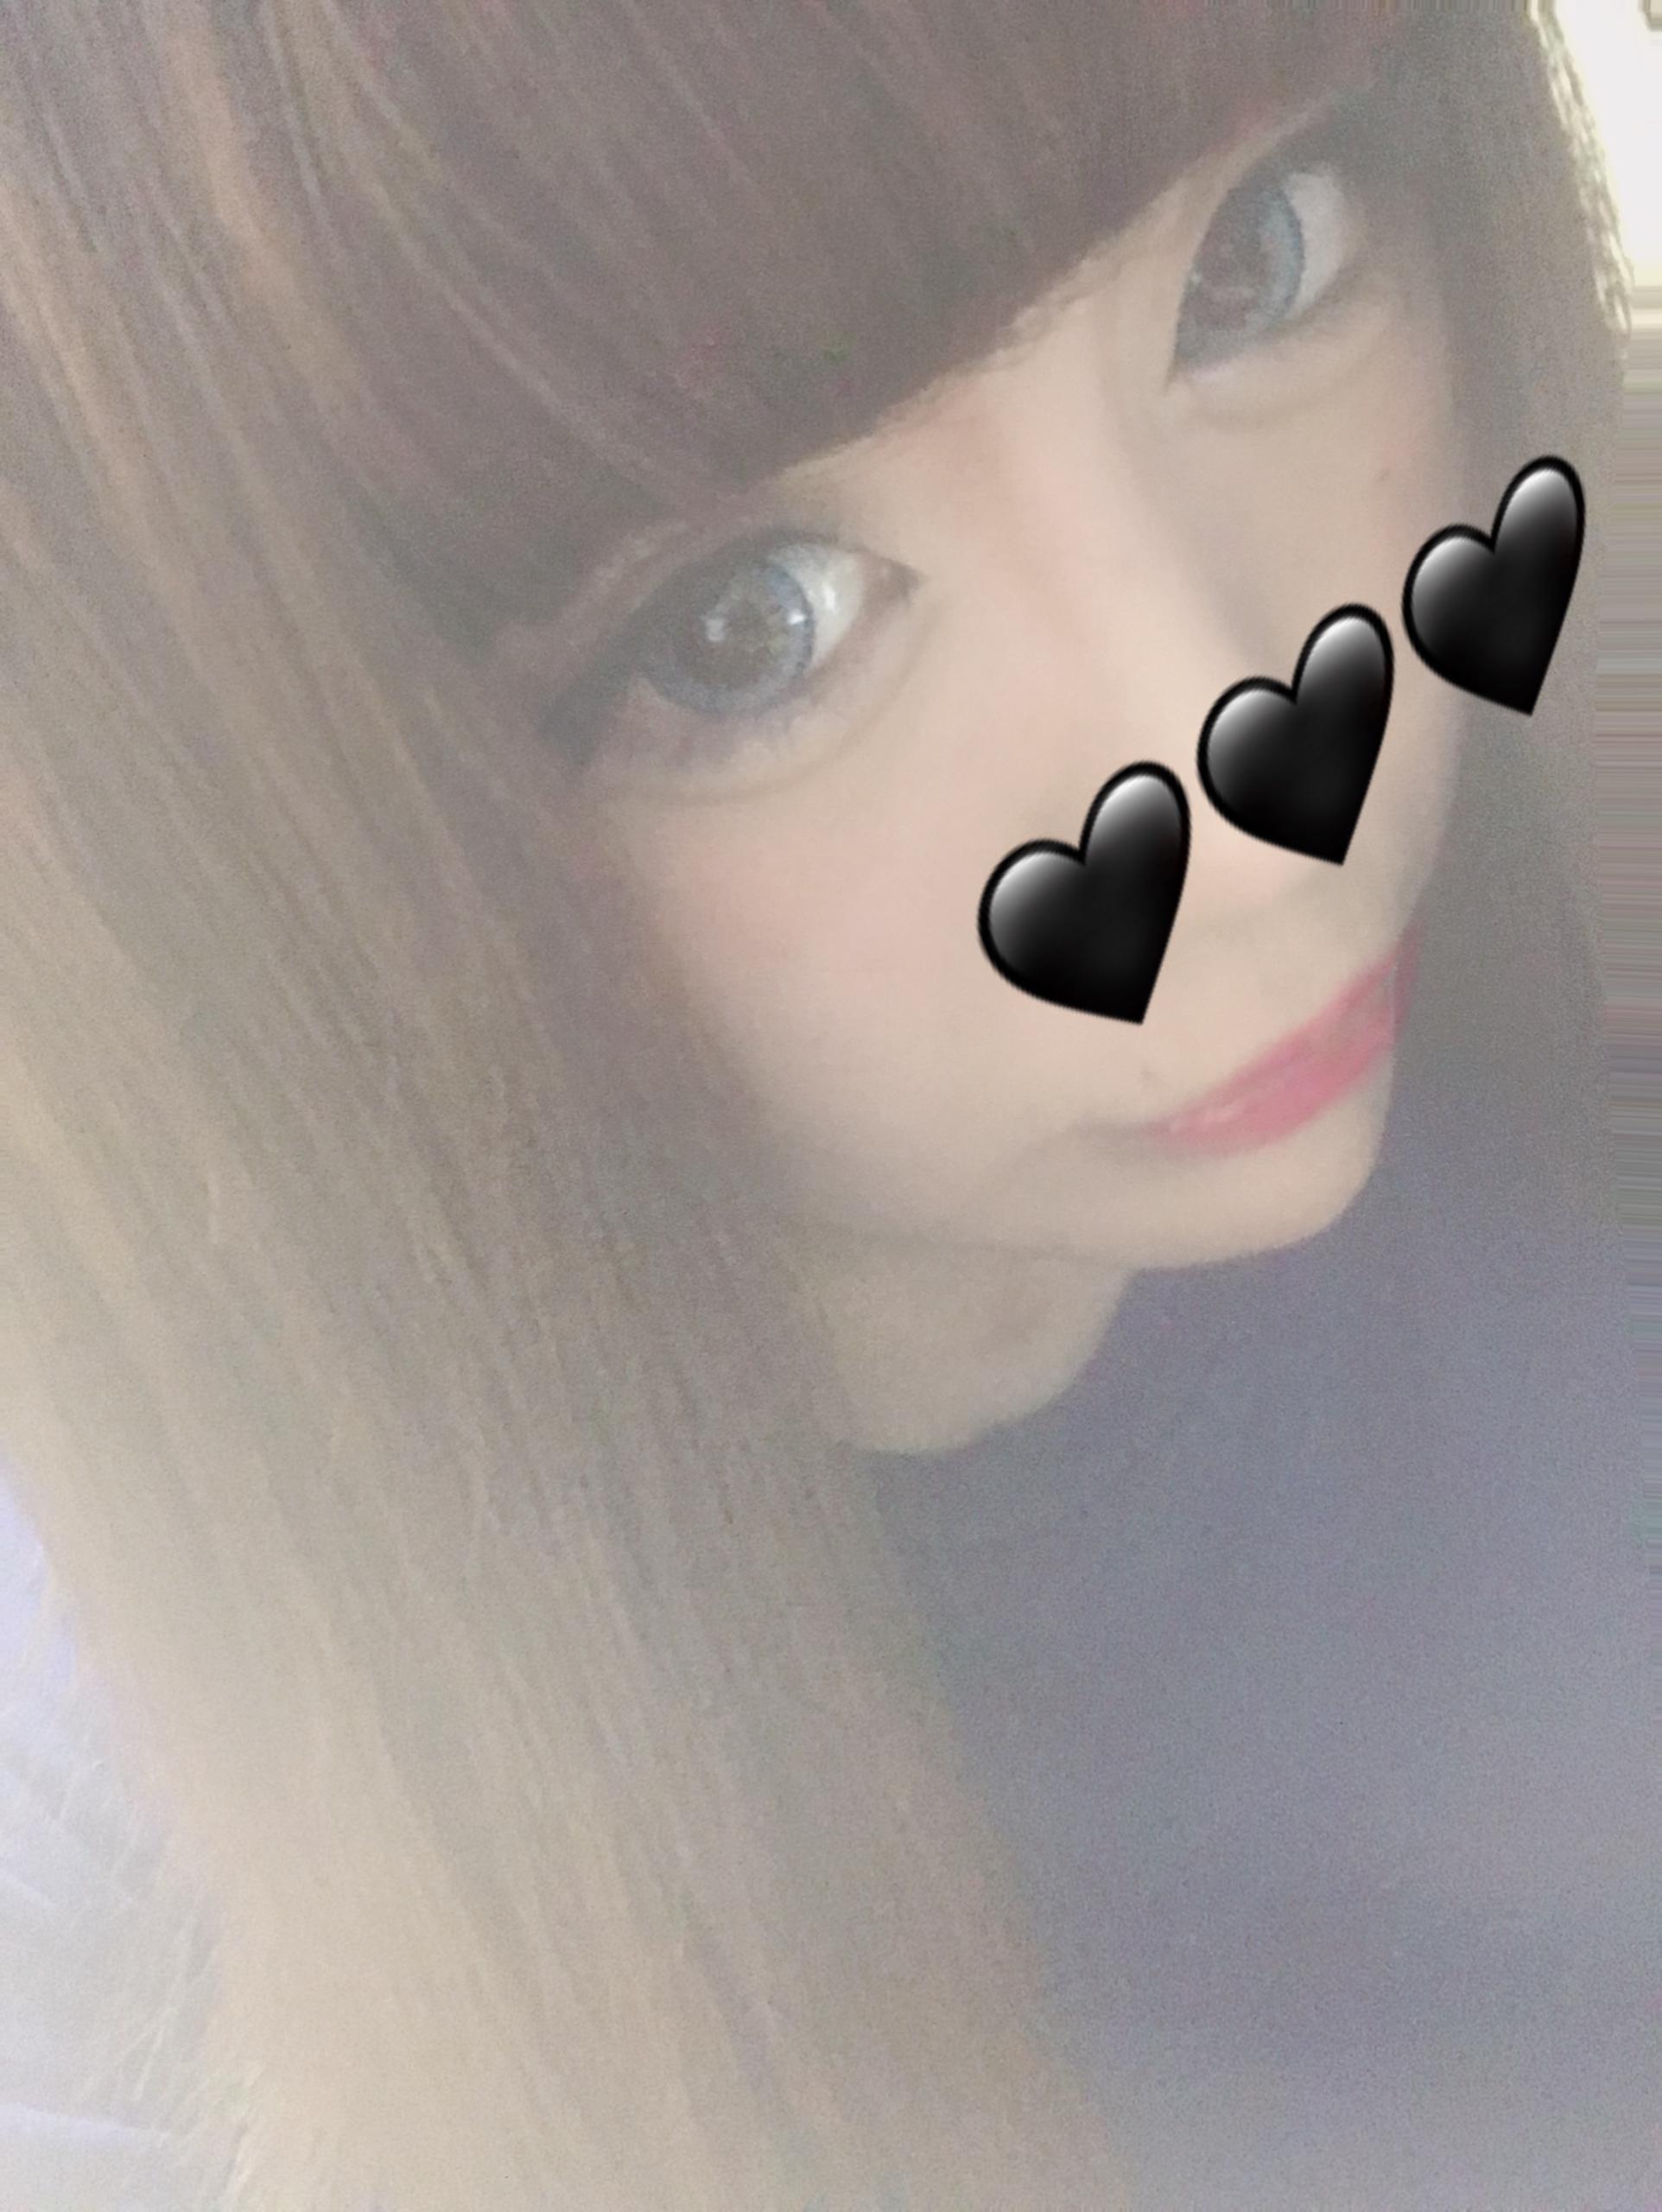 「はじめまして♡」07/09(月) 20:22   こよみの写メ・風俗動画